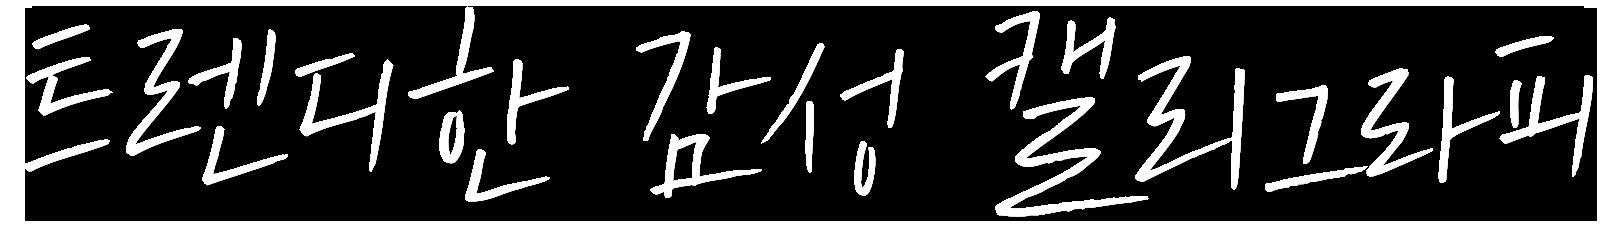 공병각펜2